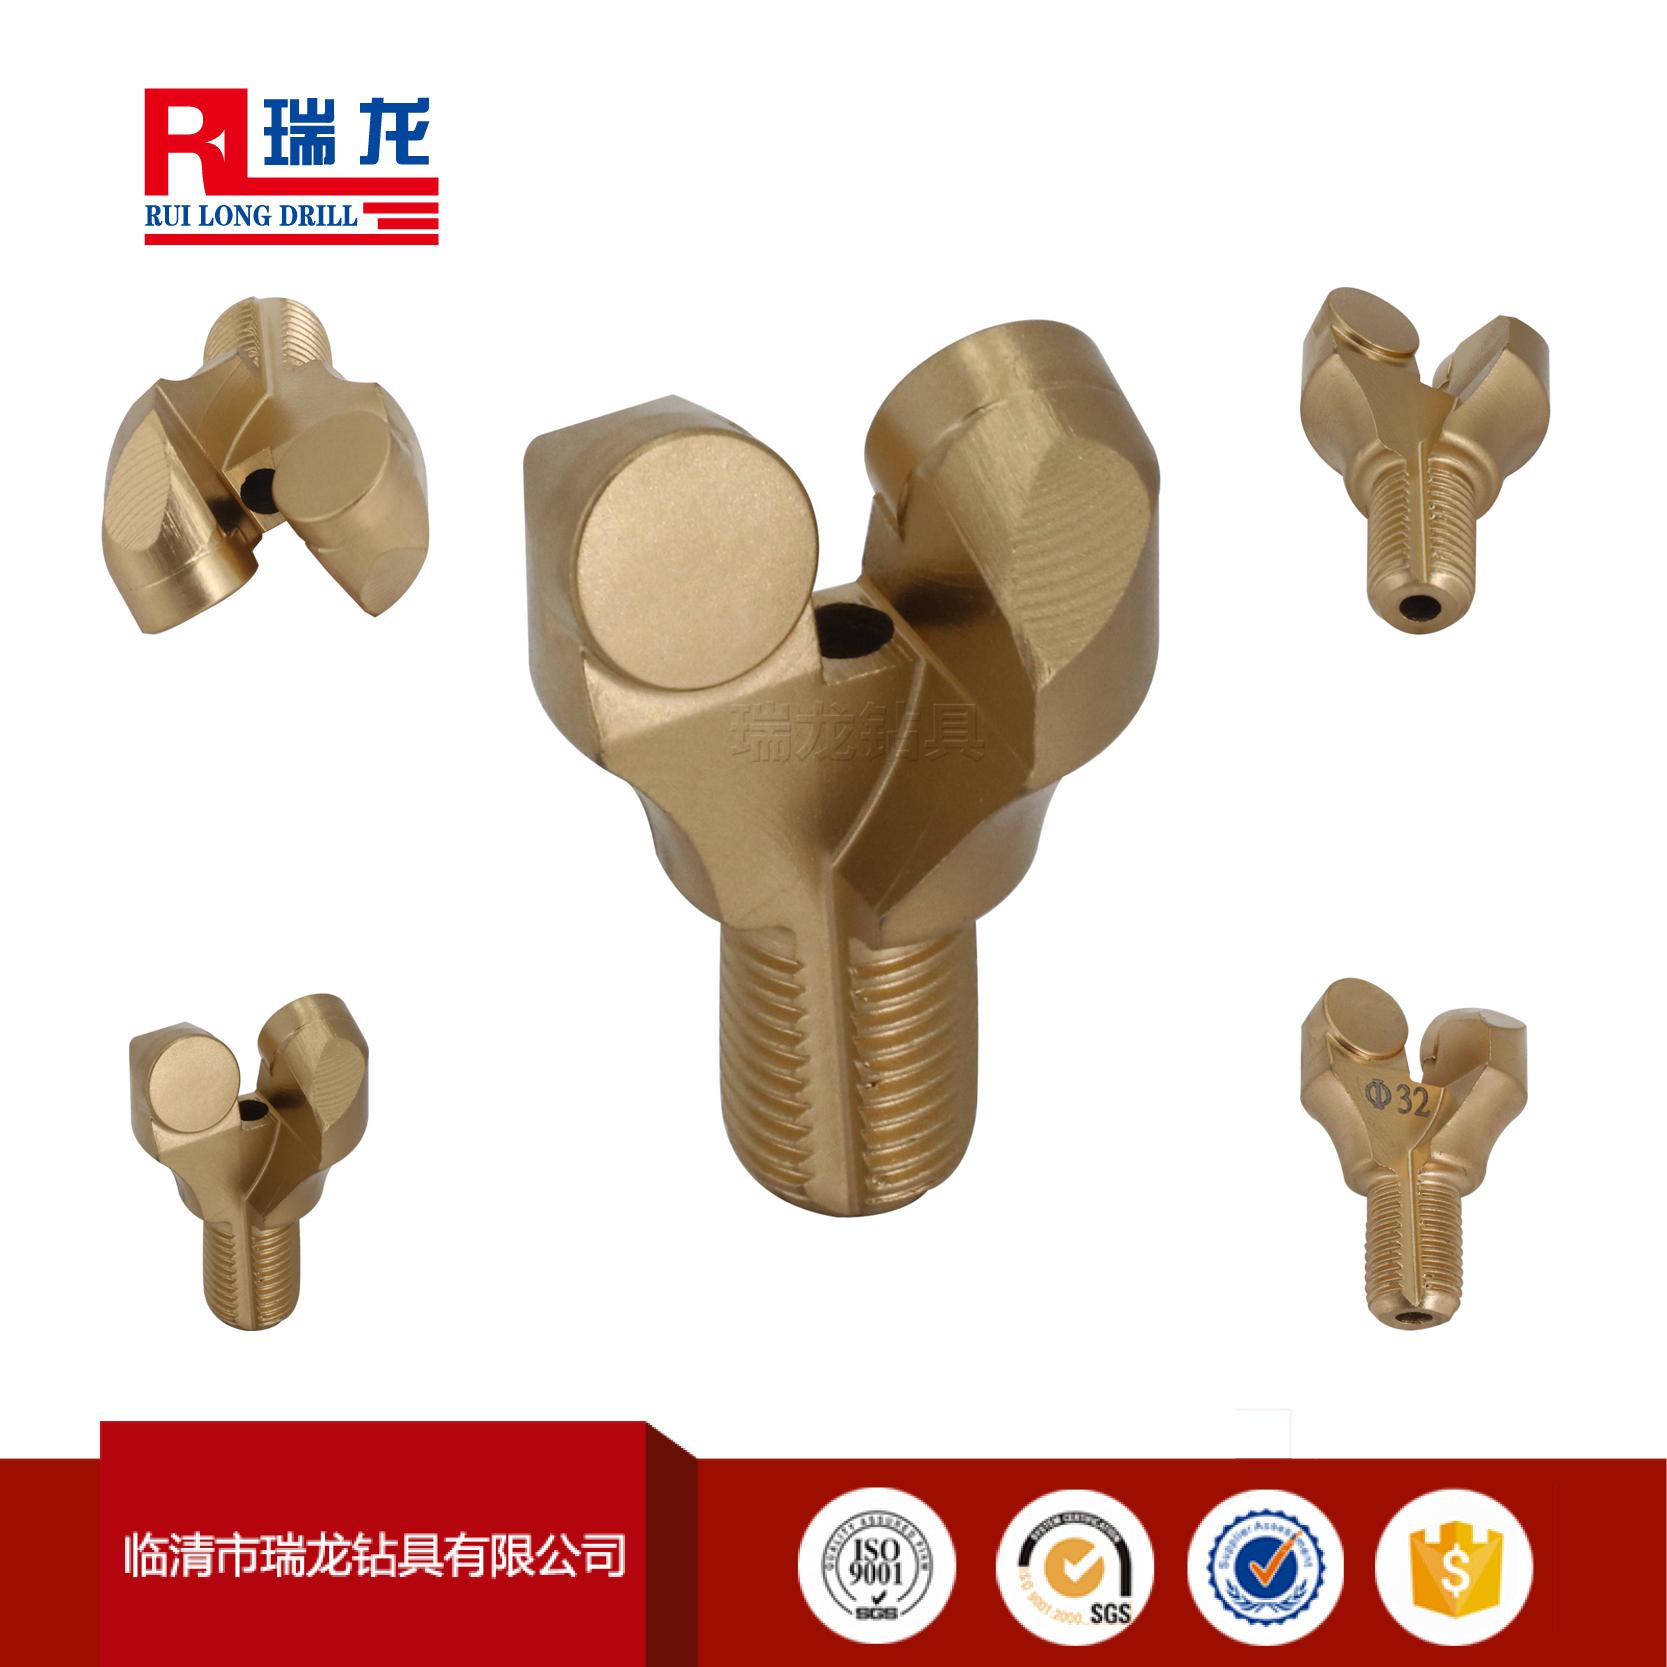 φ30-M14-1.5金刚石锚杆钻头 瑞龙钻具